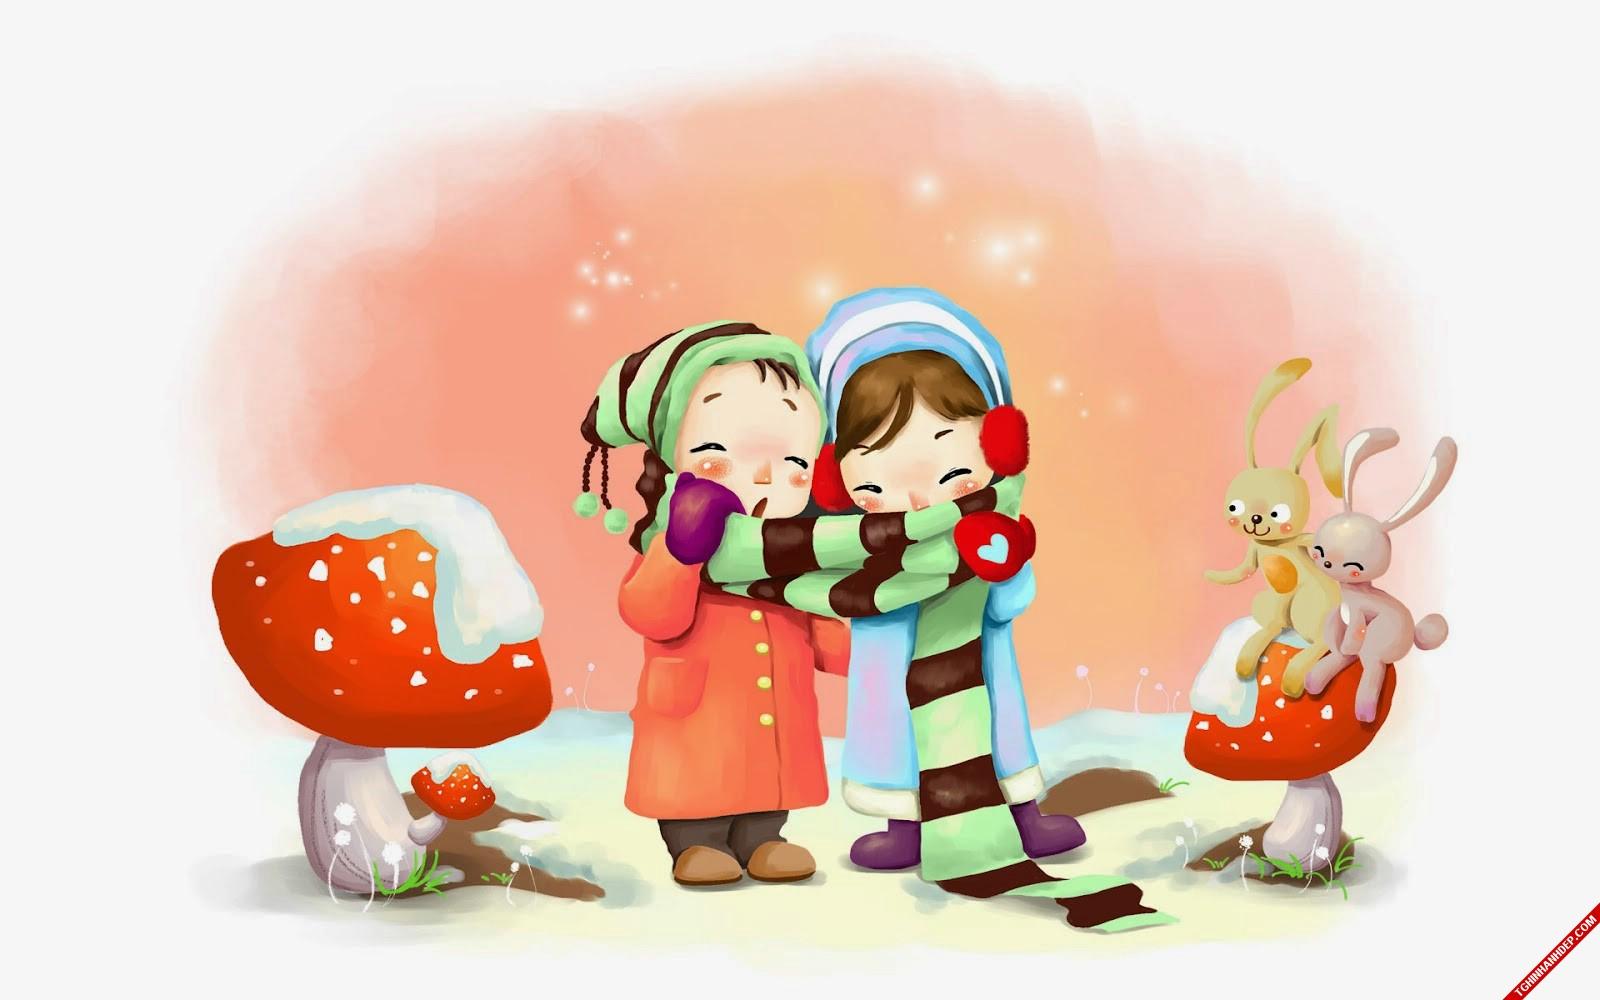 Hình ảnh đẹp về tình yêu của các cặp đôi trong mùa đông